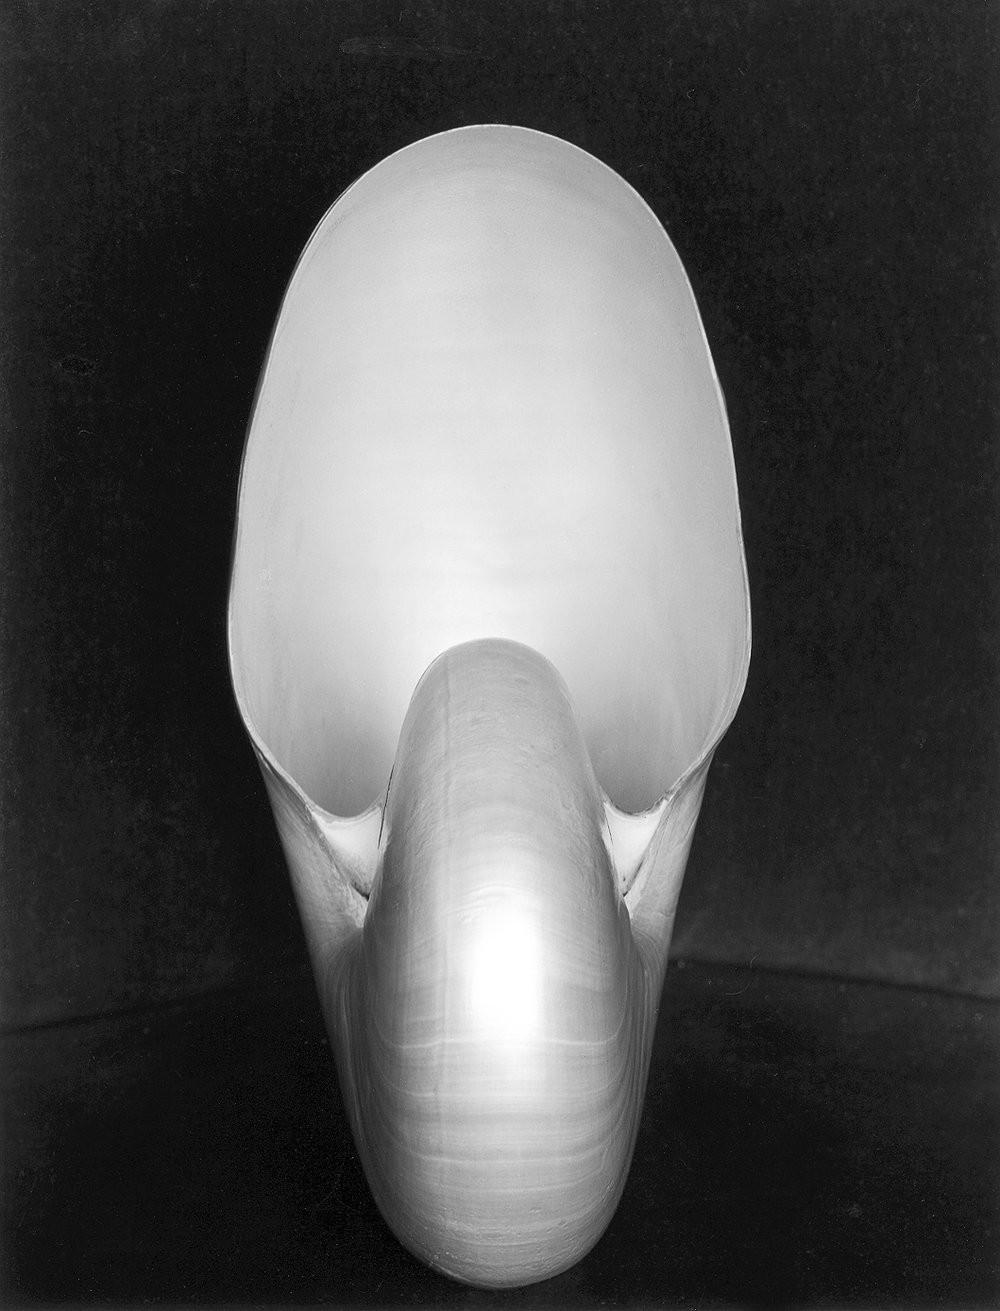 Наутилус, 1927. Фотограф Эдвард Уэстон